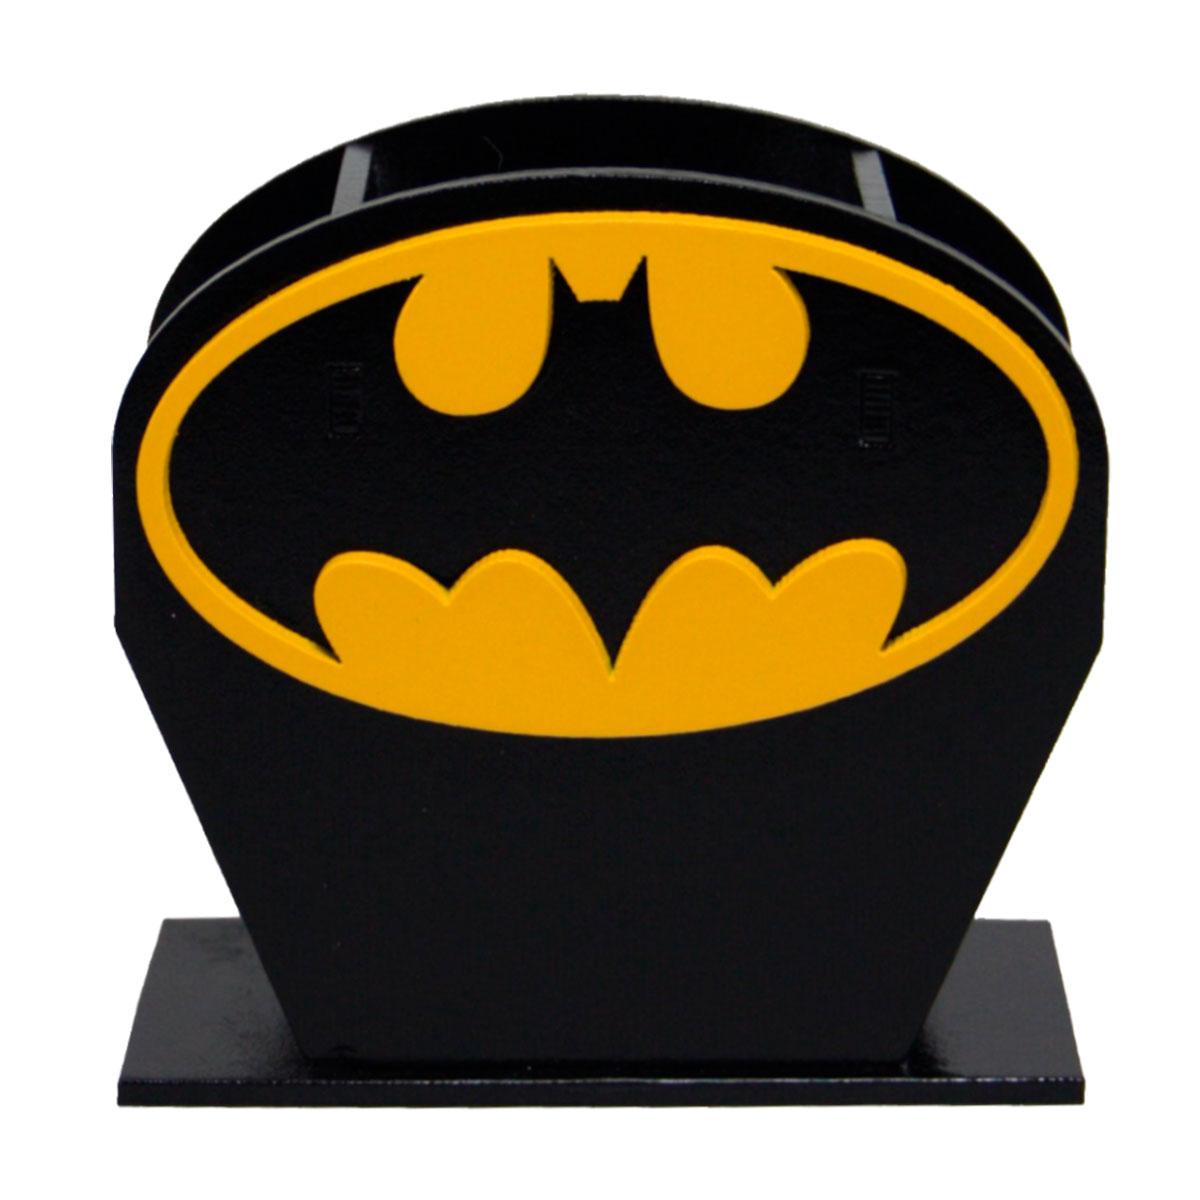 Porta Lápis Caneta E Acessórios Geek Batman Logo Amarelo 10x10cm - Presente Super